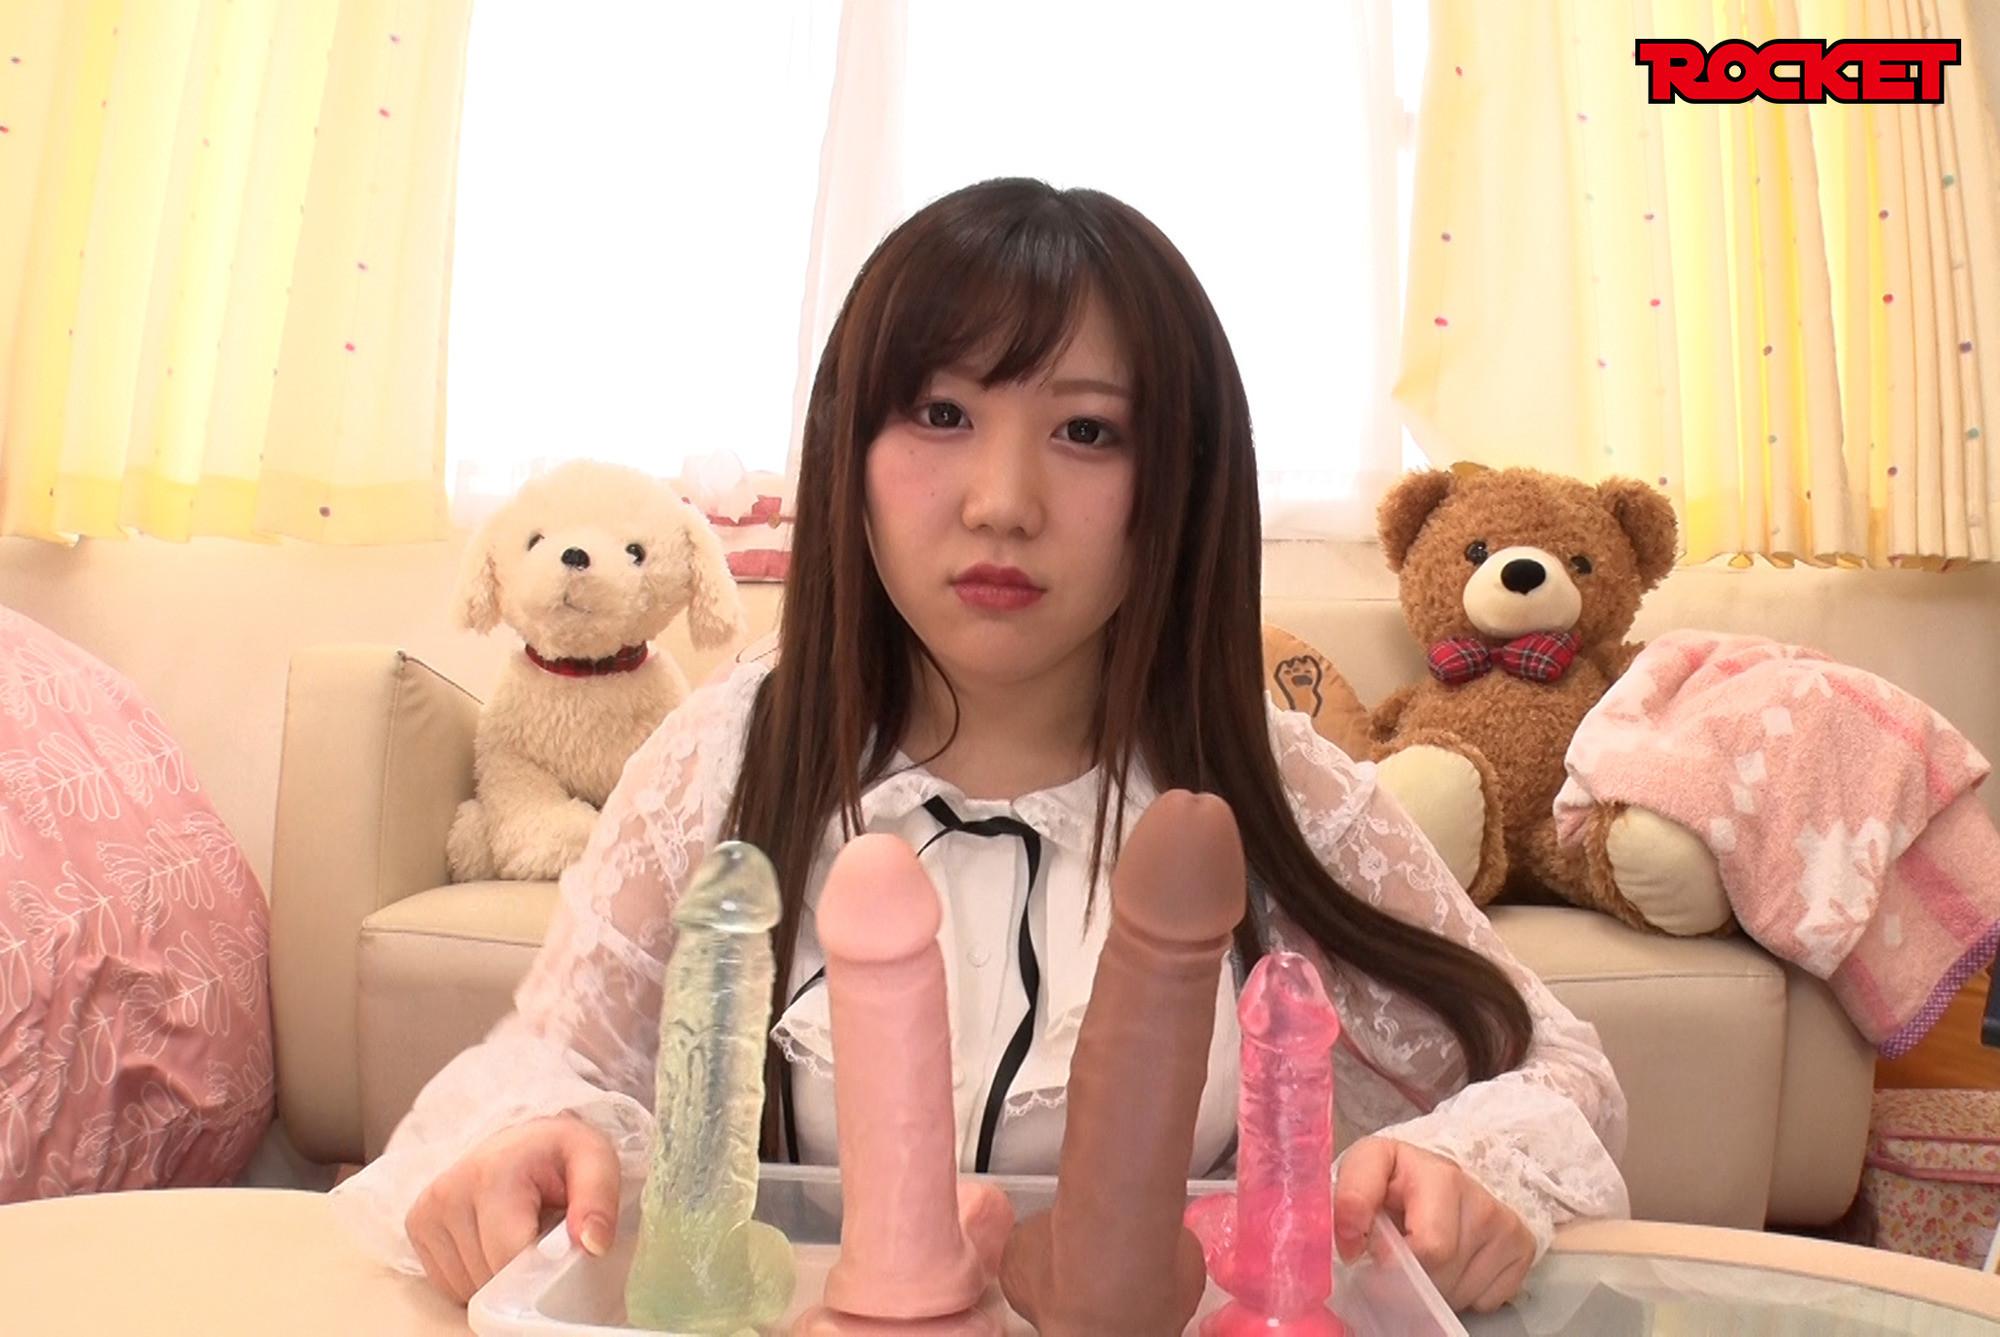 地雷系メイク動画配信女ぴえん鬼イラマ